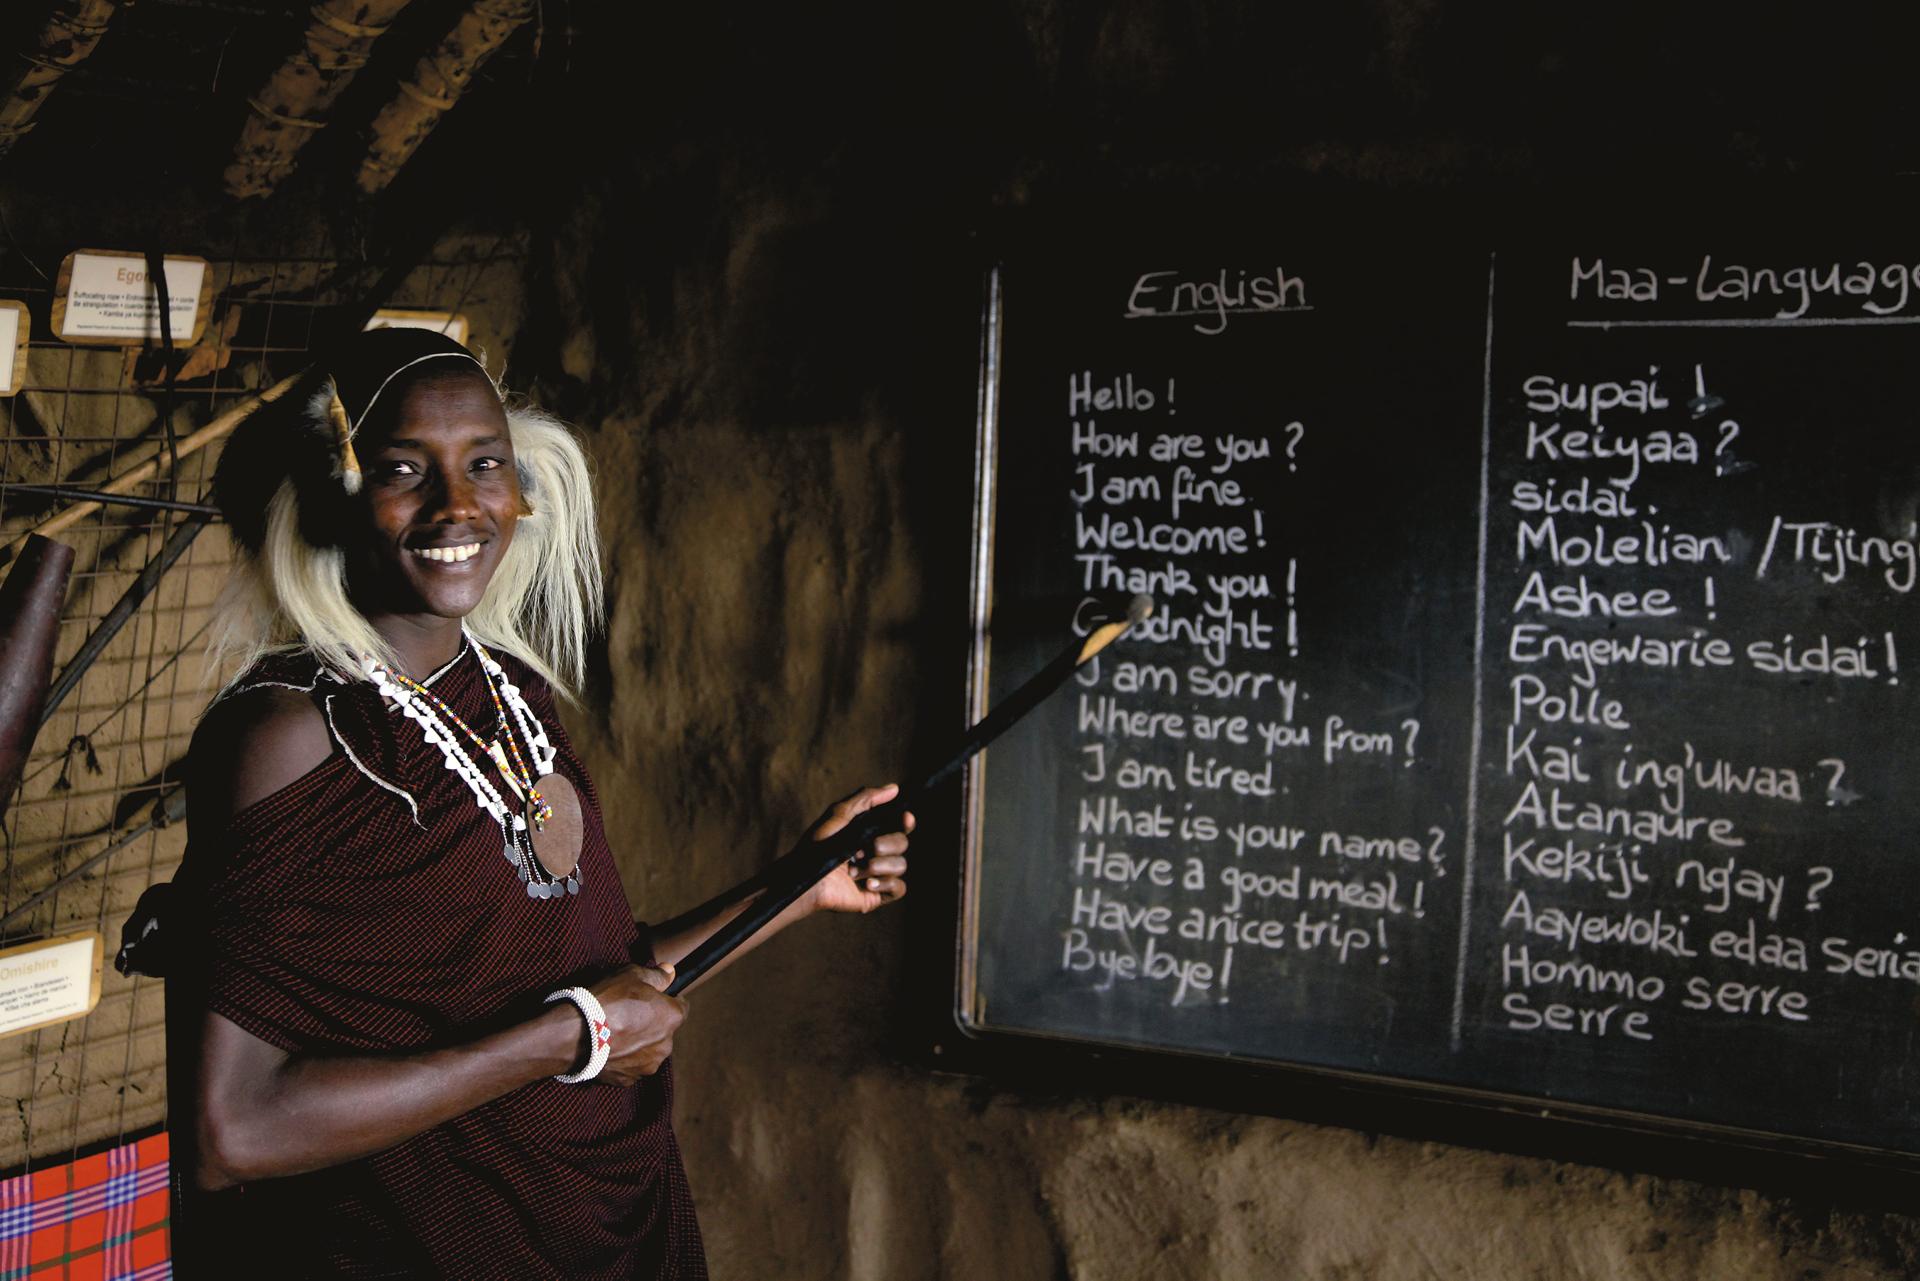 ©Jörg Ehrlich, DIAMIR Erlebnisreisen; Masaischule